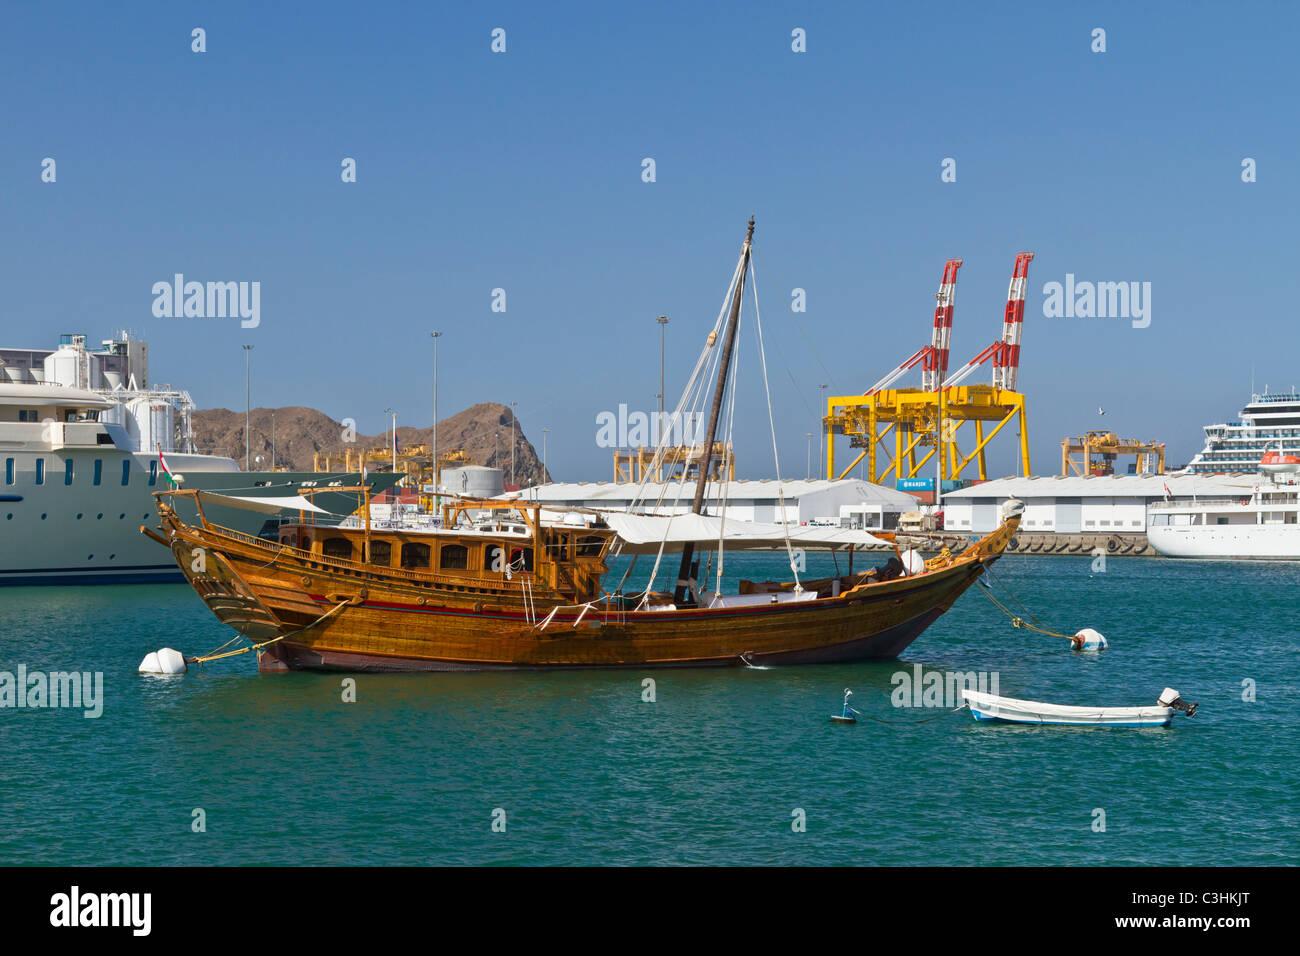 Los barcos anclados en el puerto de Muscat, Omán. Imagen De Stock